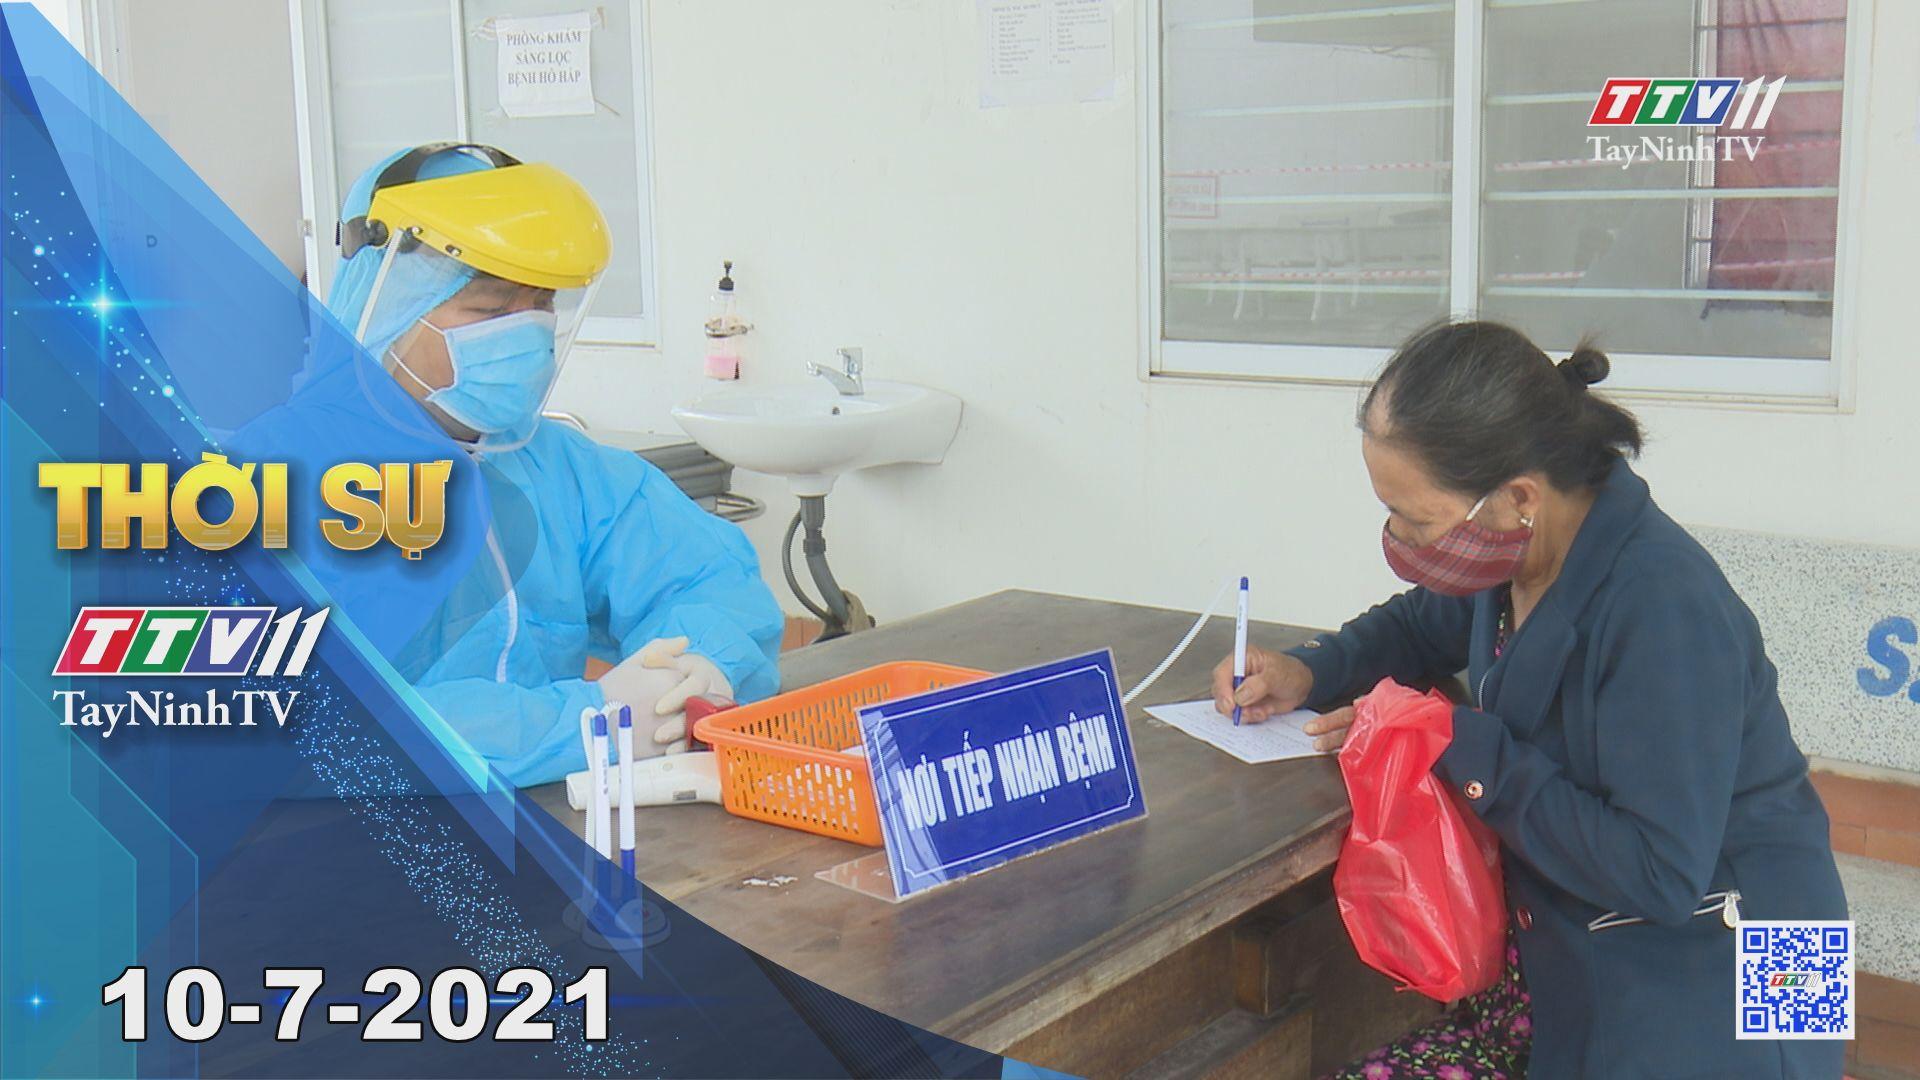 Thời sự Tây Ninh 10-7-2021   Tin tức hôm nay   TayNinhTV